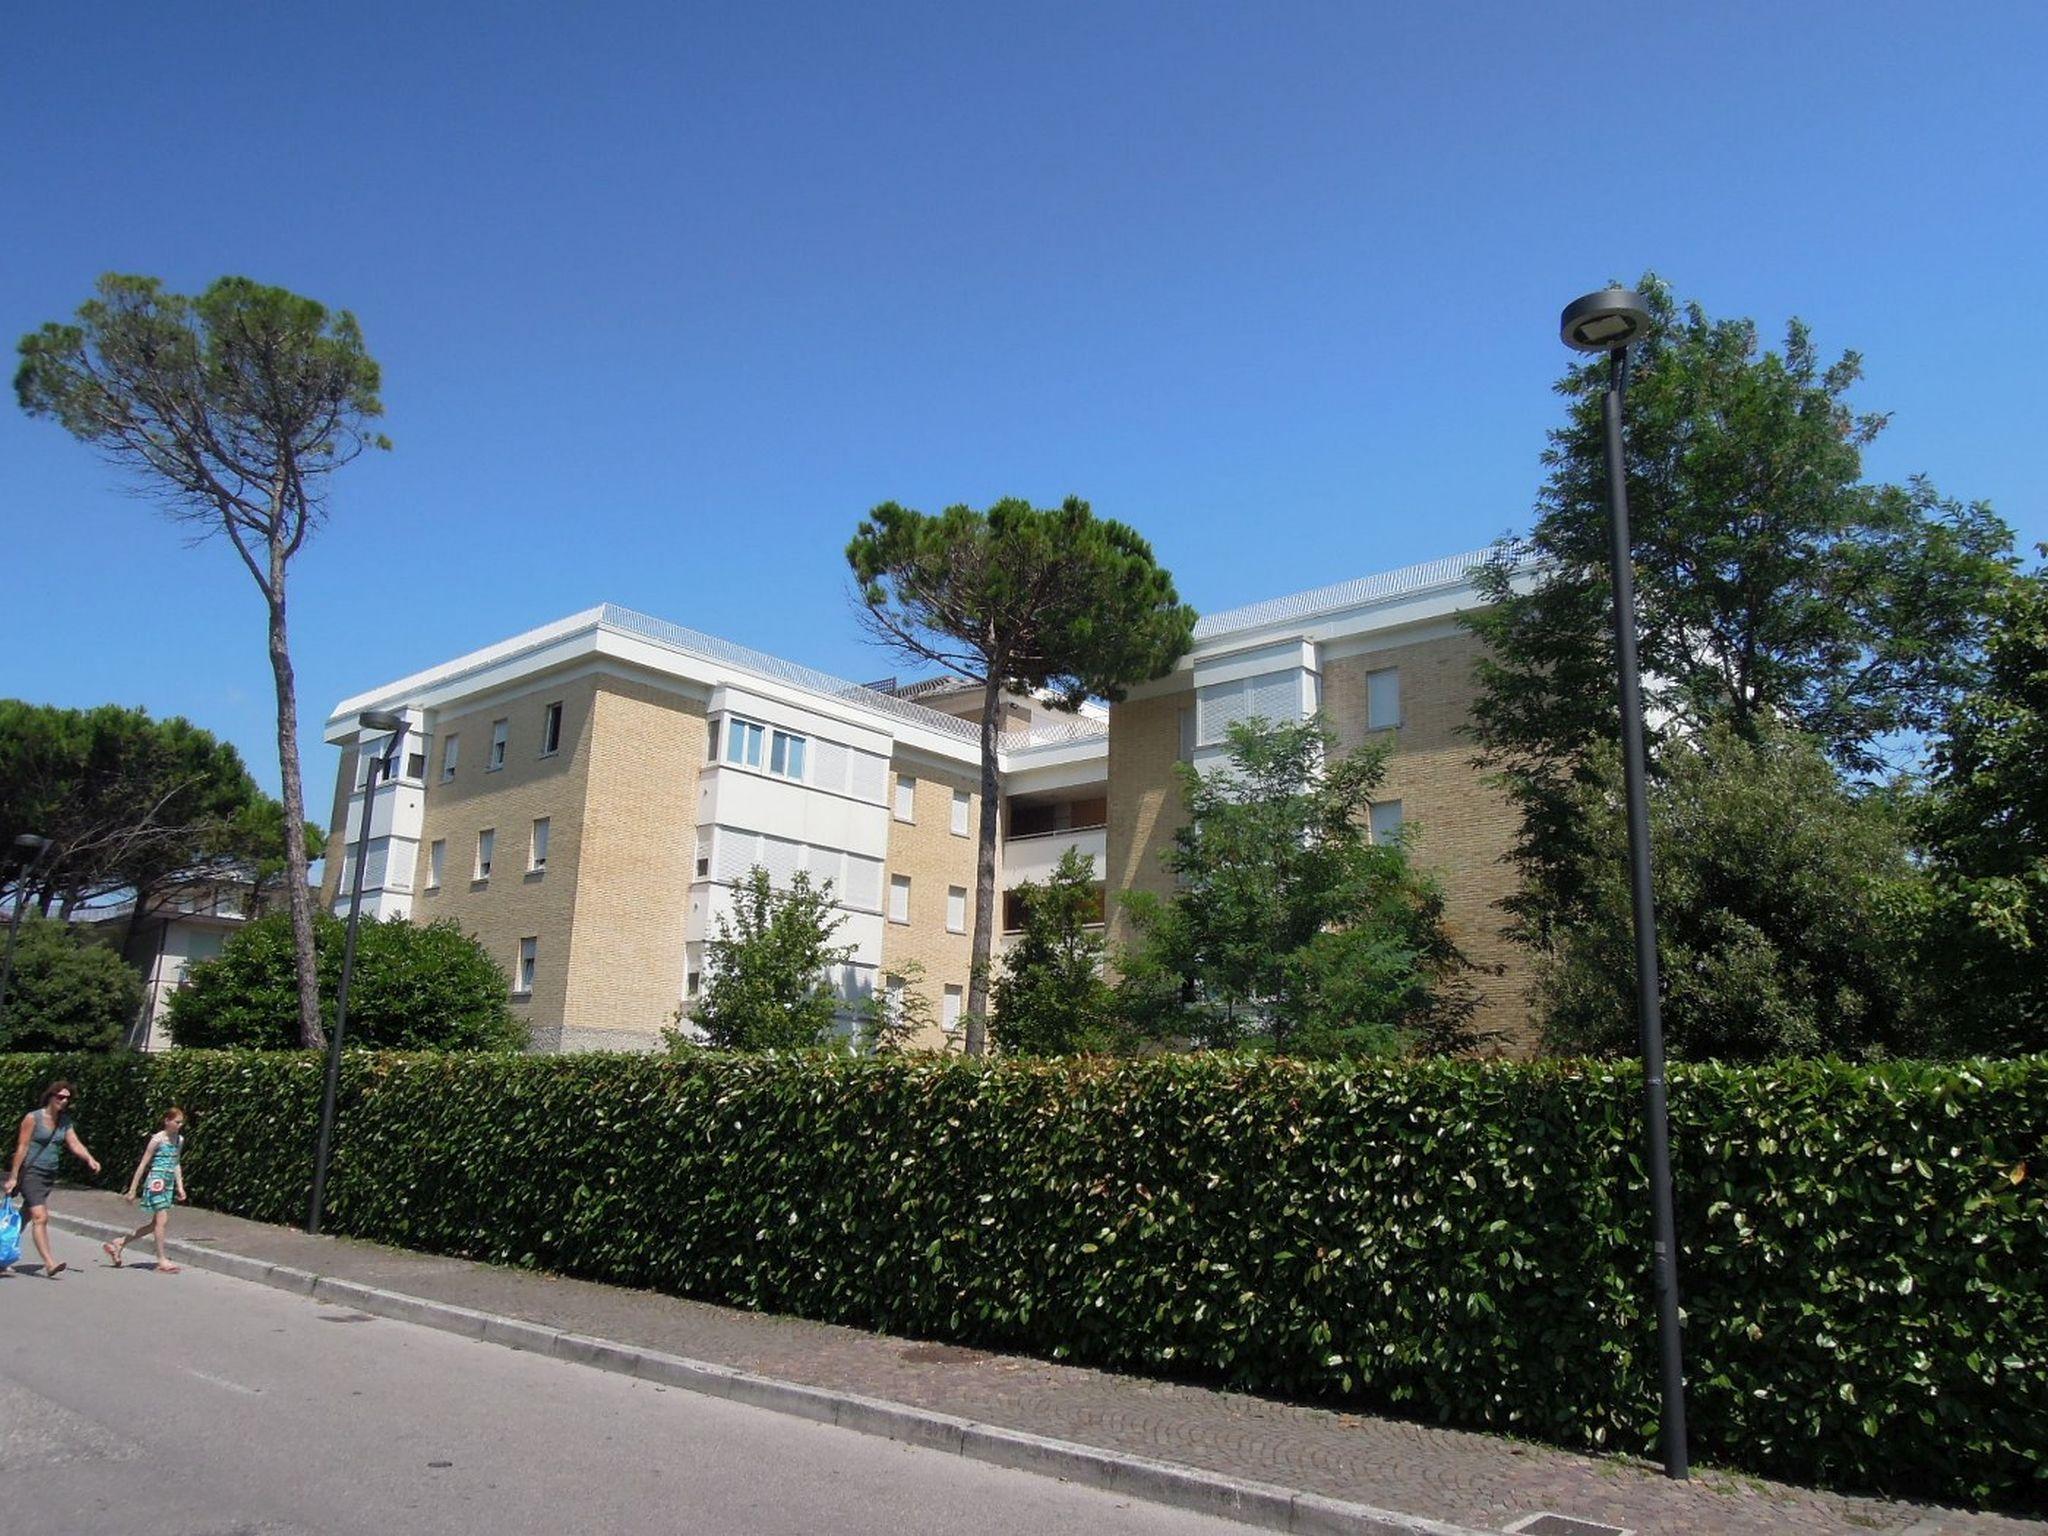 Ferienwohnung Residenz Pineda - Wohnung Tipo B1 AGMC (2989) (2807105), Bibione, Adriaküste (Venetien), Venetien, Italien, Bild 2